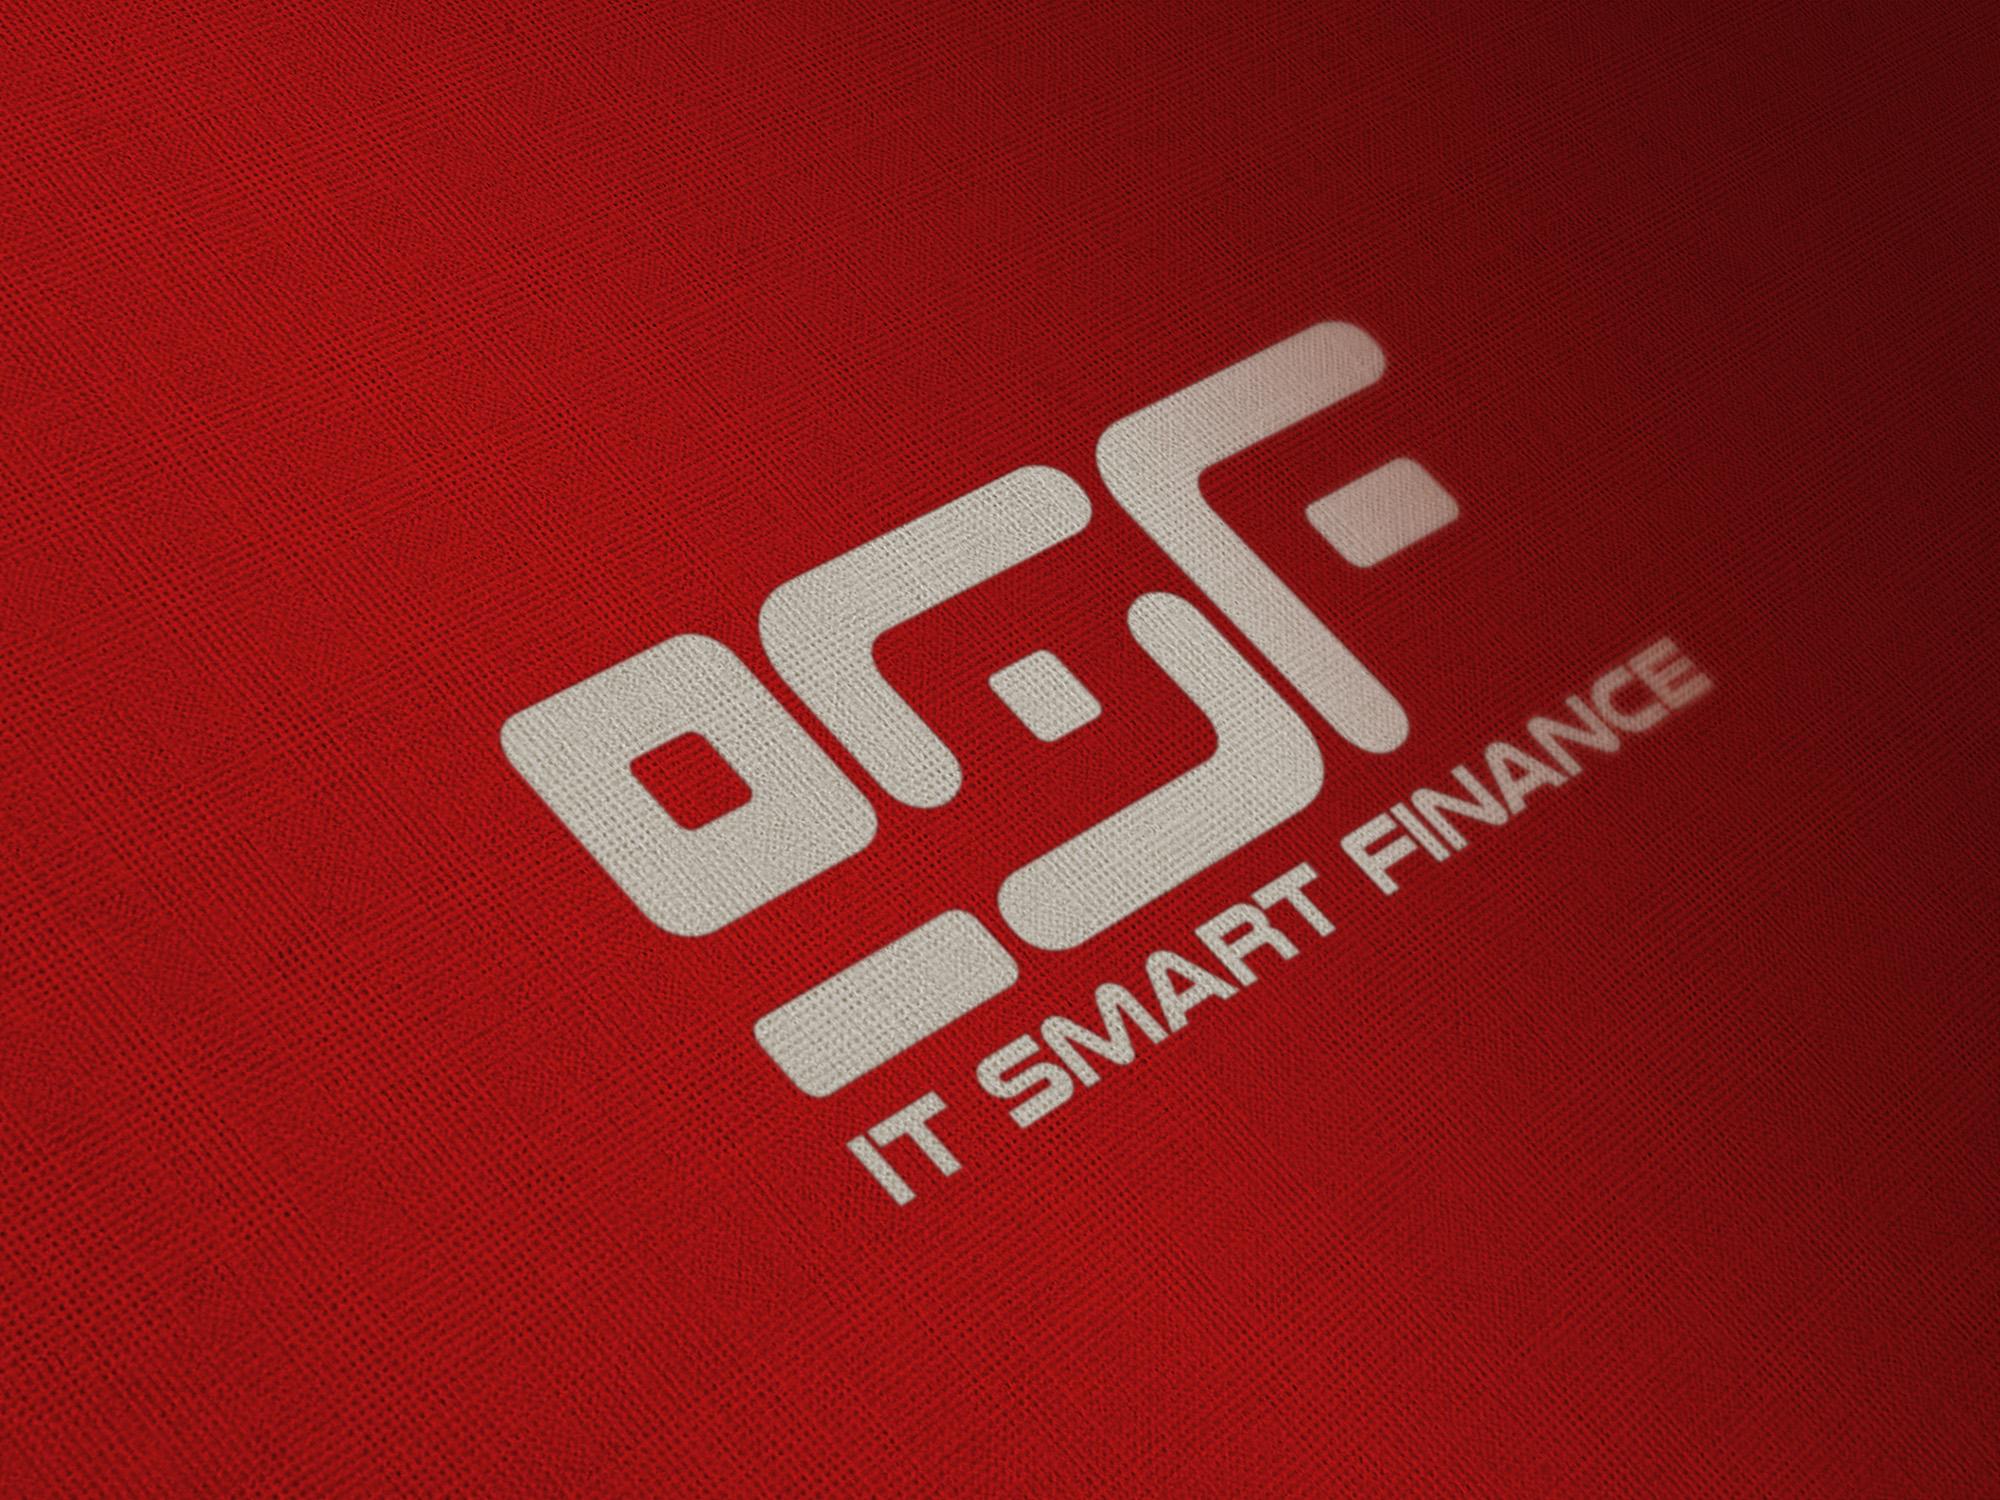 Разработка логотипа фото f_7425a2a91acc5f07.jpg